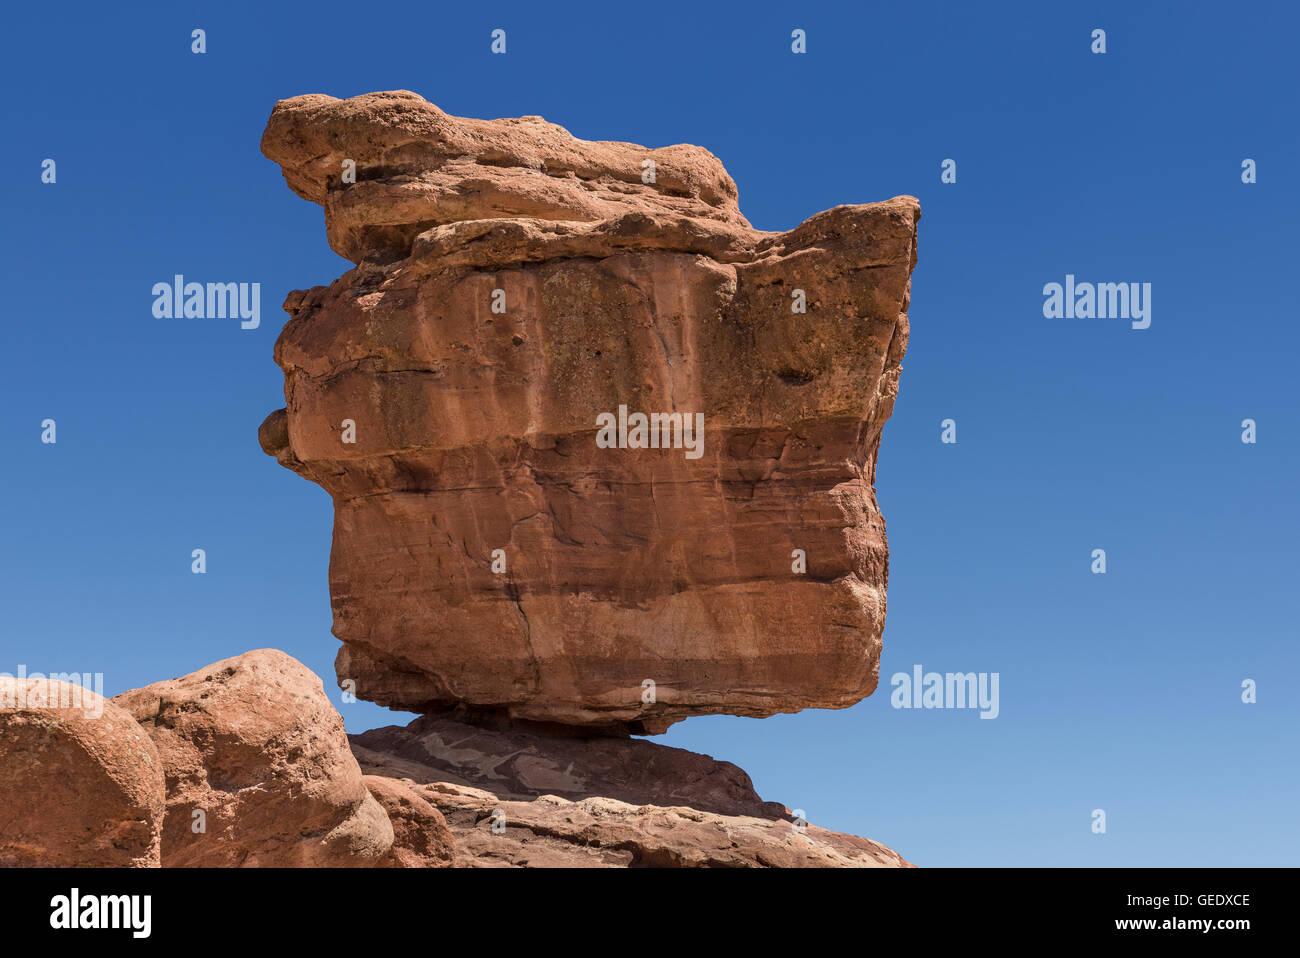 Balanced Rock, Garden of the Gods Park, Colorado Springs, Colorado, USA. - Stock Image